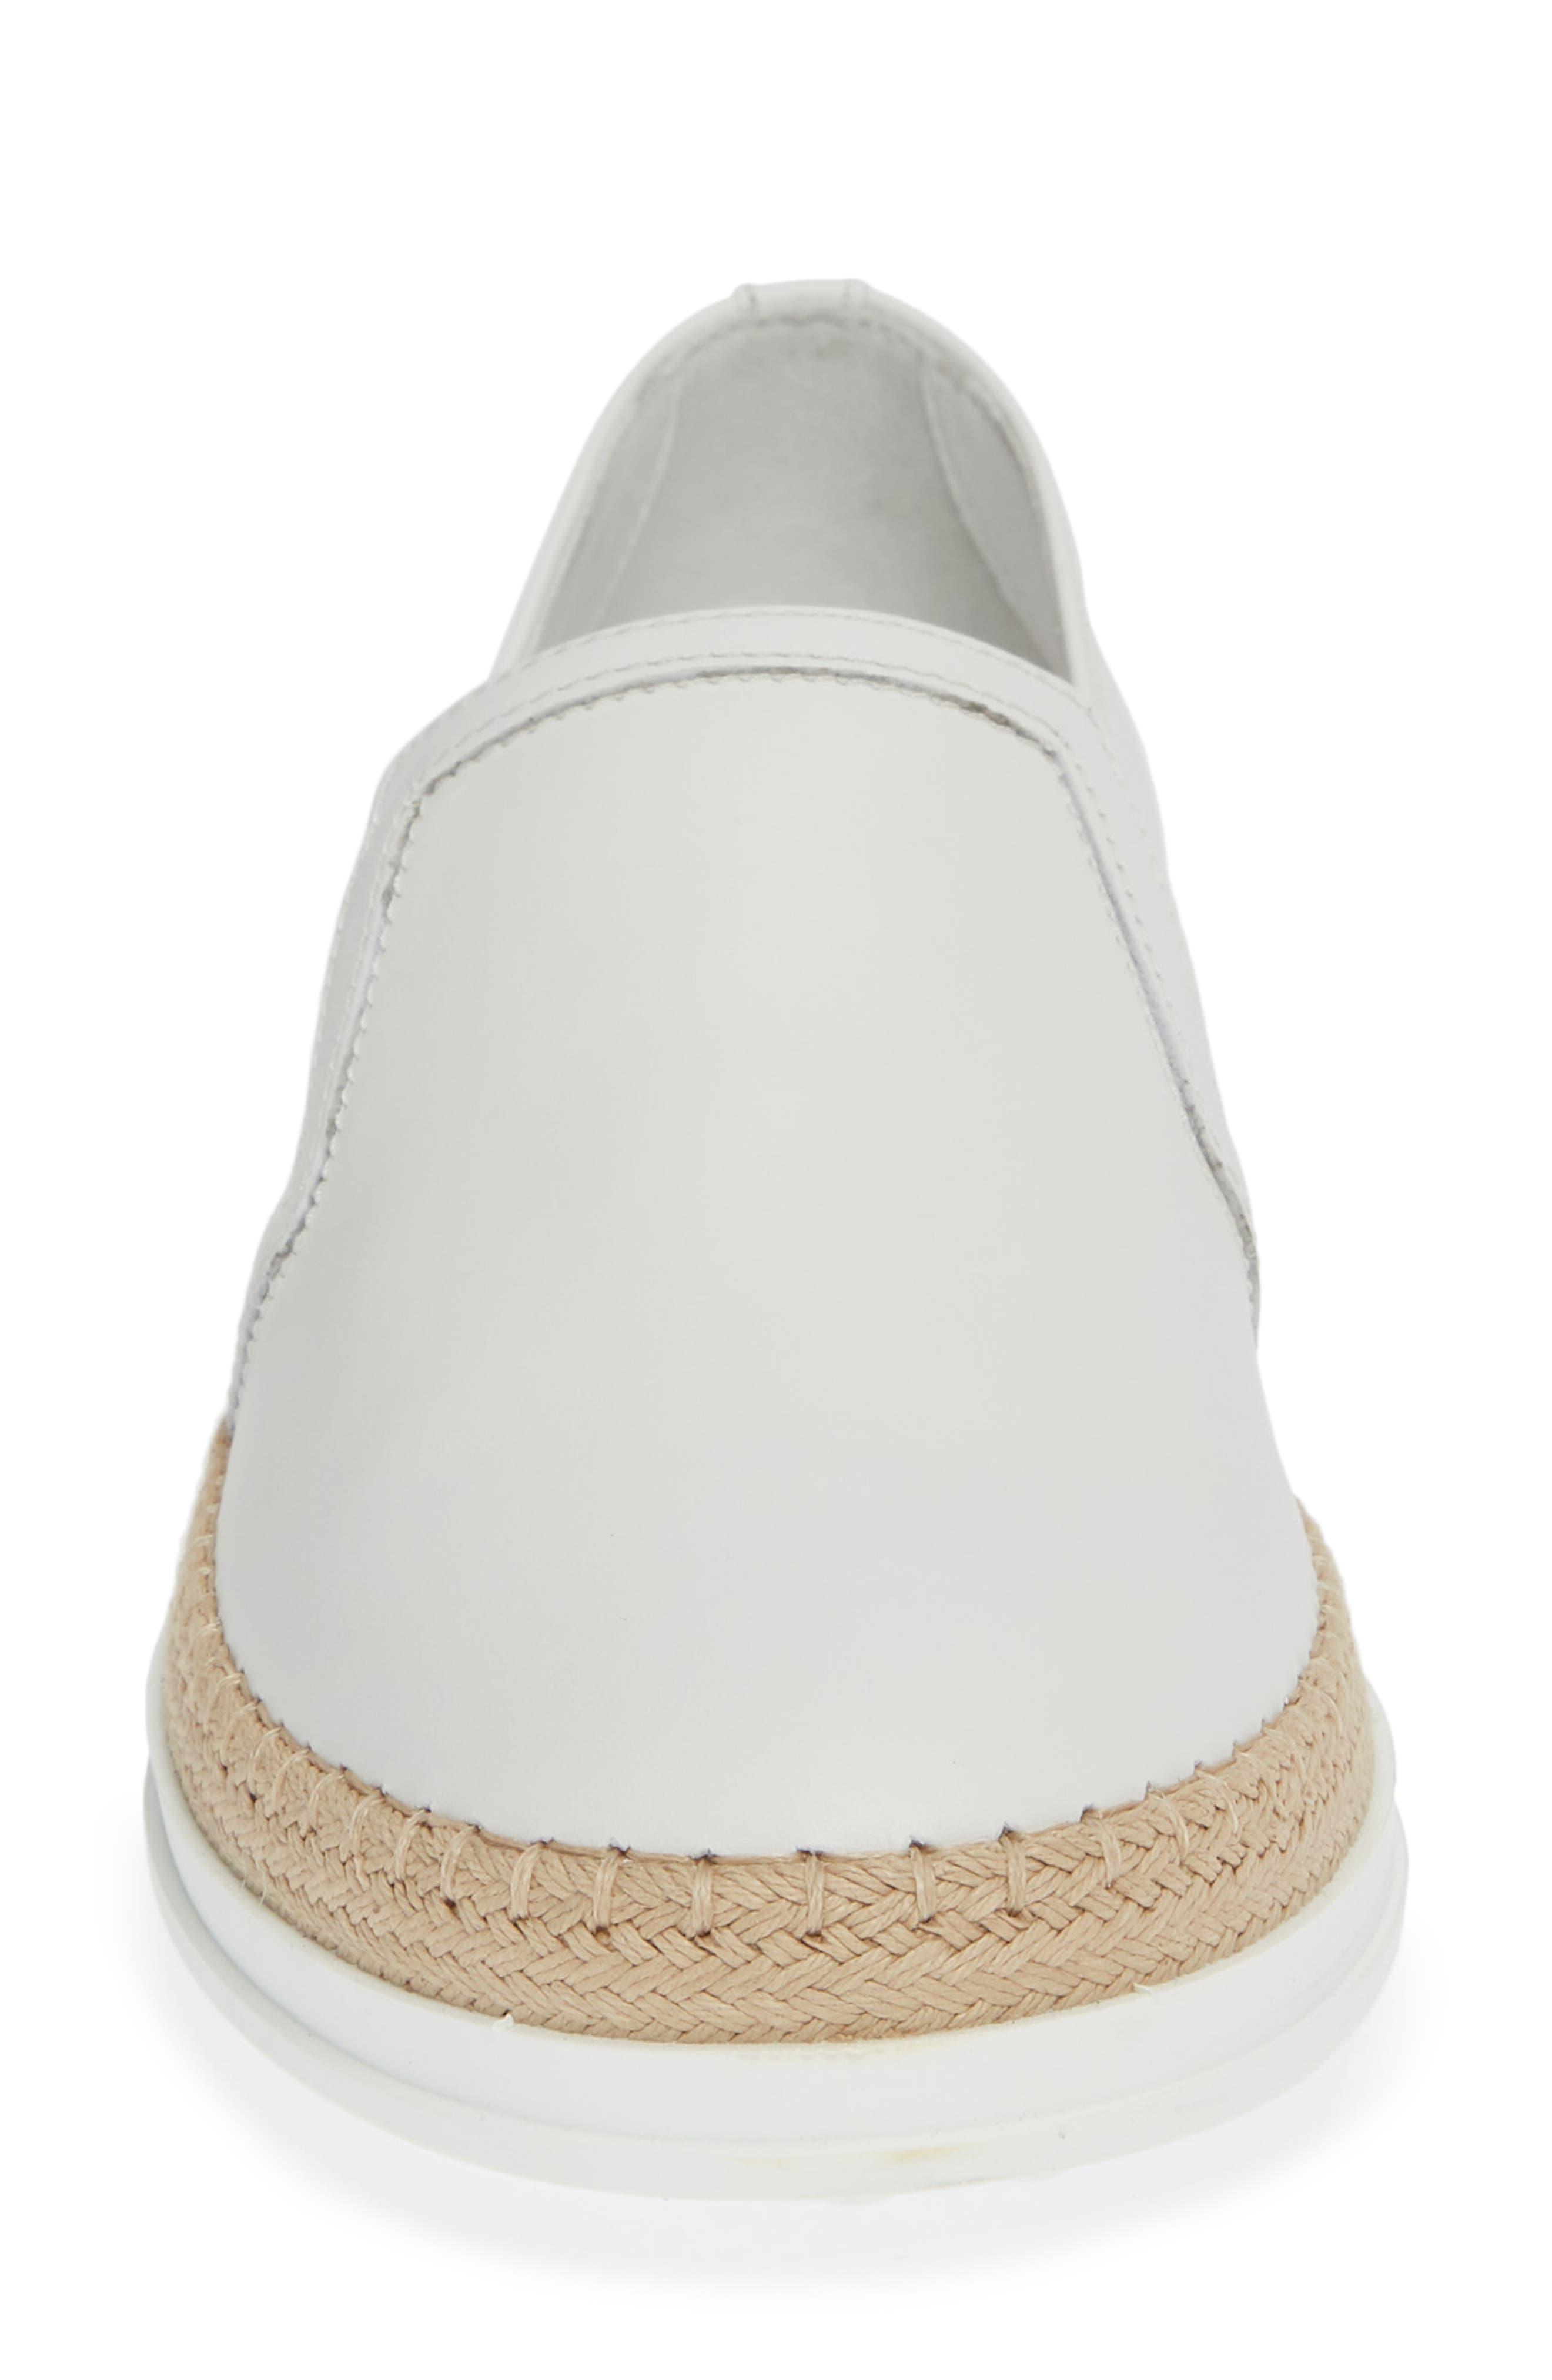 TOD'S, Espadrille Slip-On Sneaker, Alternate thumbnail 4, color, WHITE LEATHER